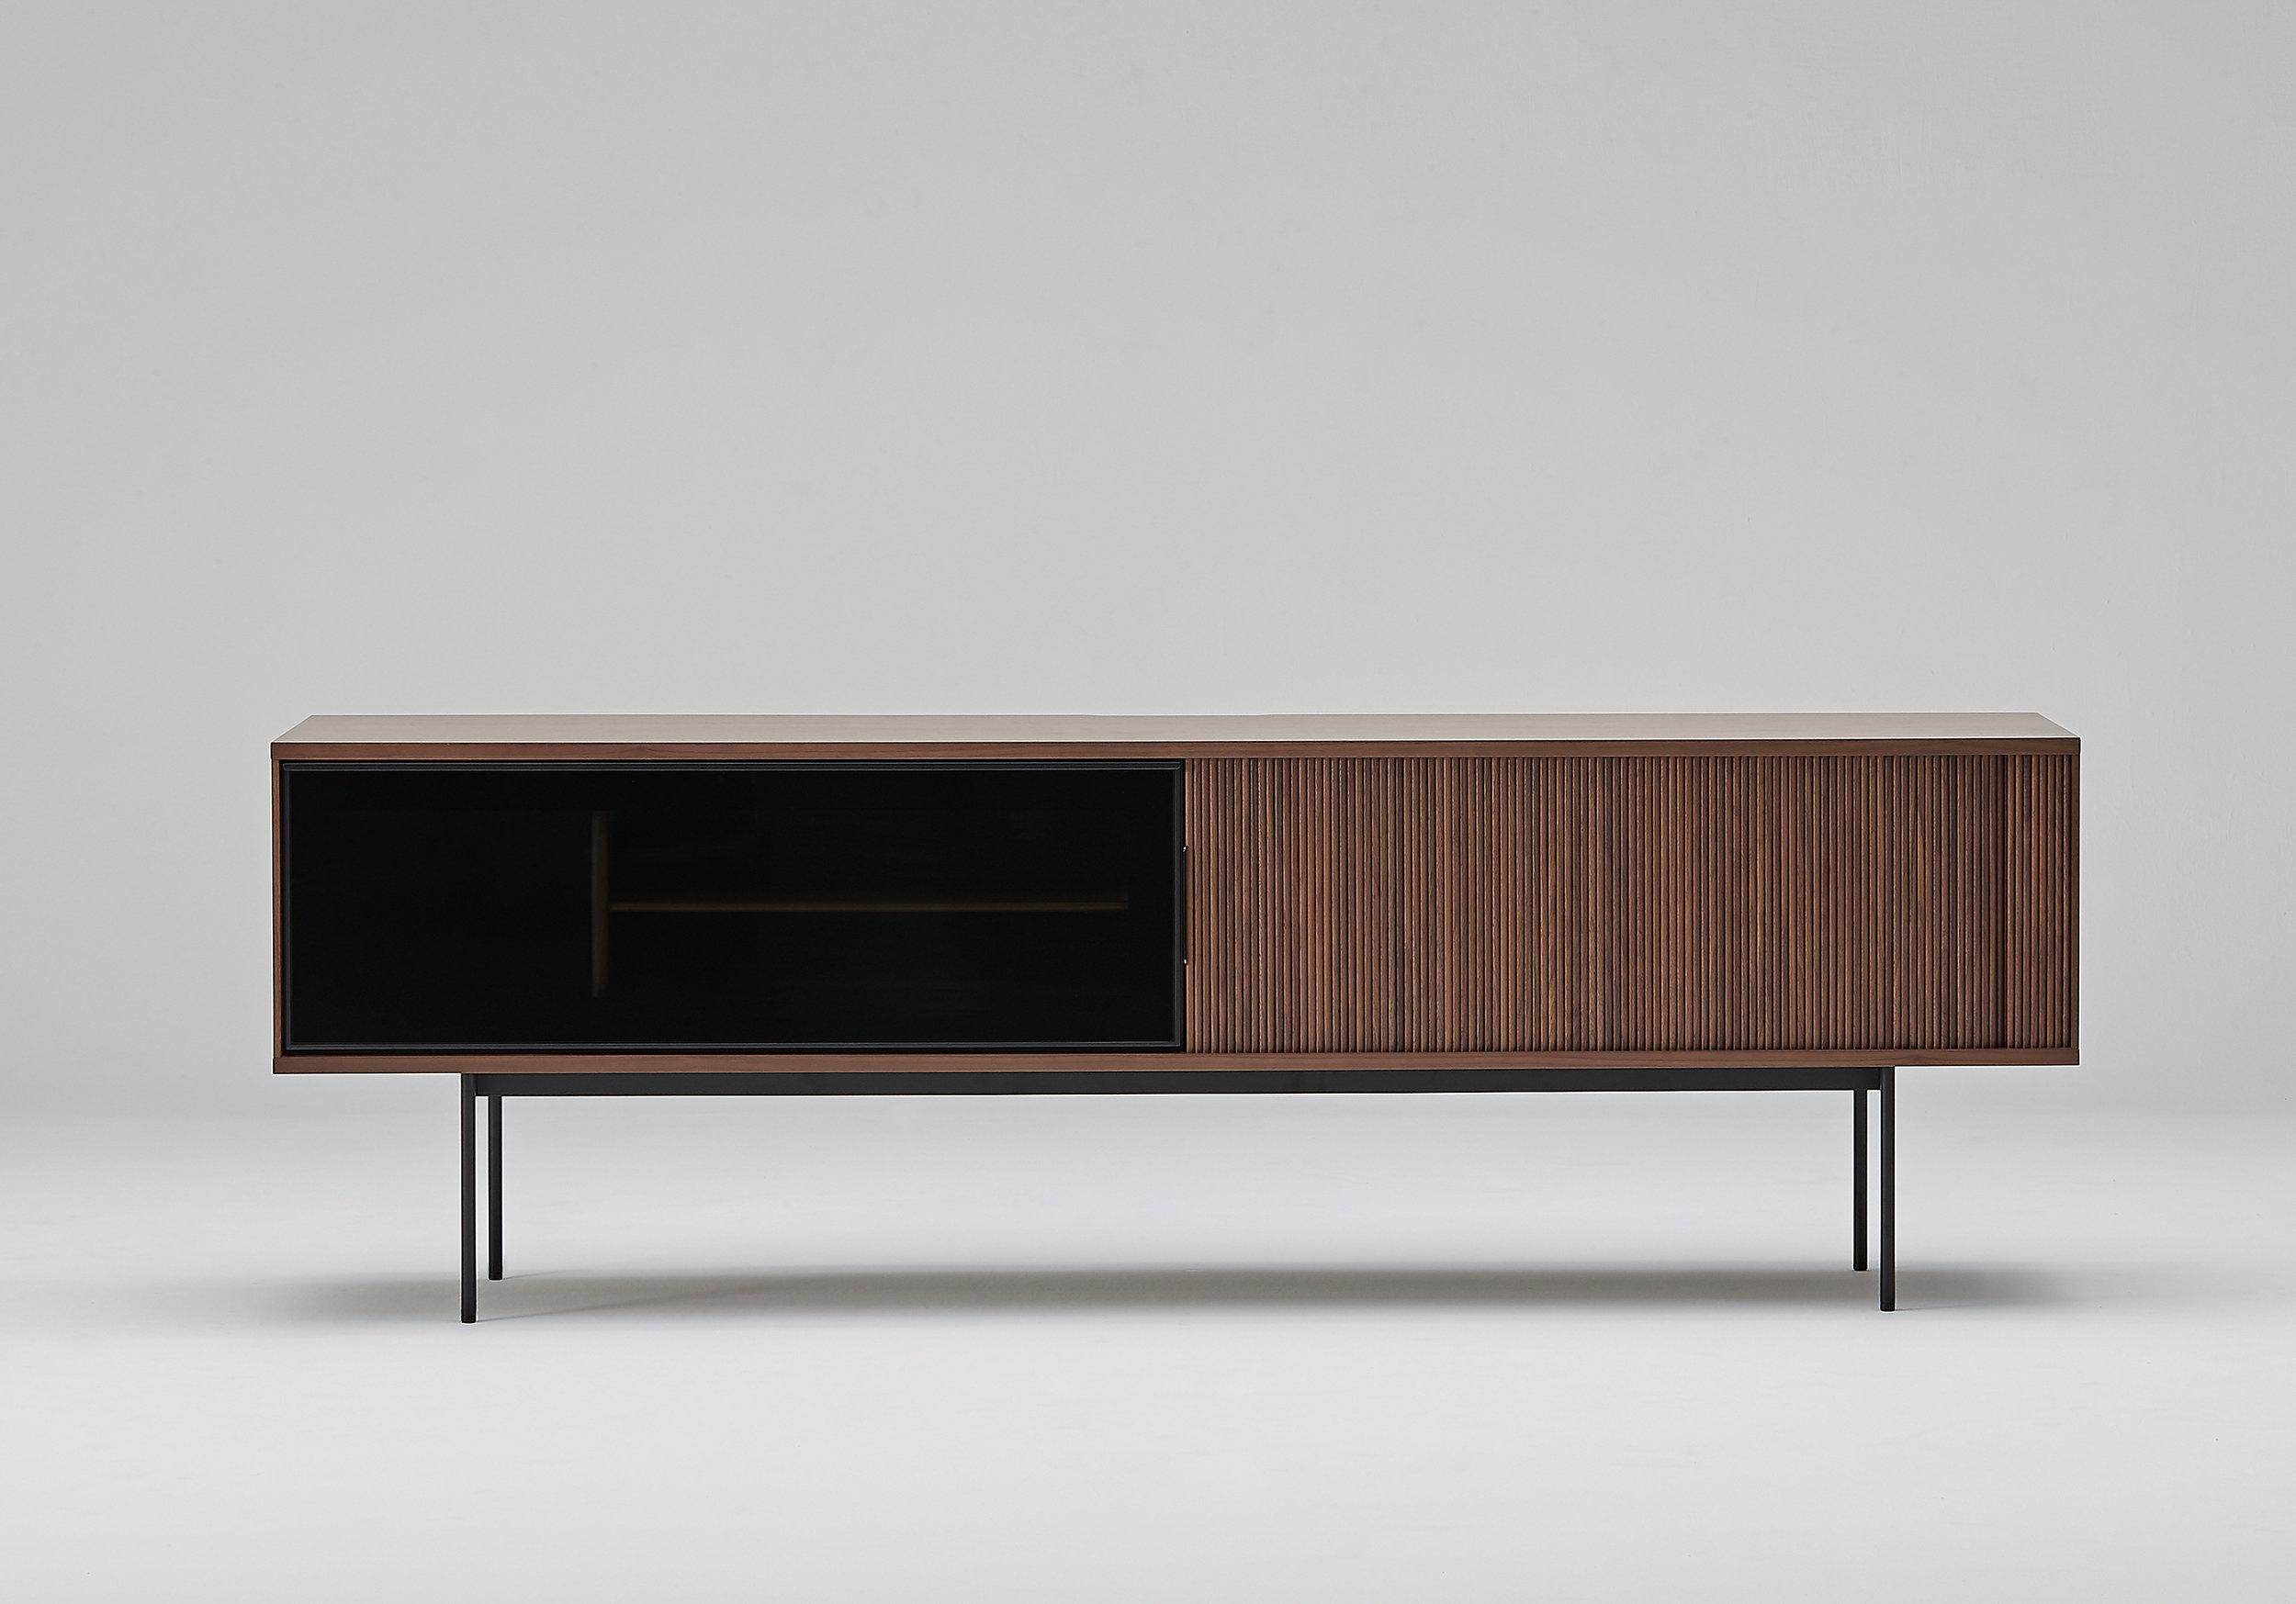 Jabara AV Board ⓒ Ritzwell Design: Shinsaku Myiamoto